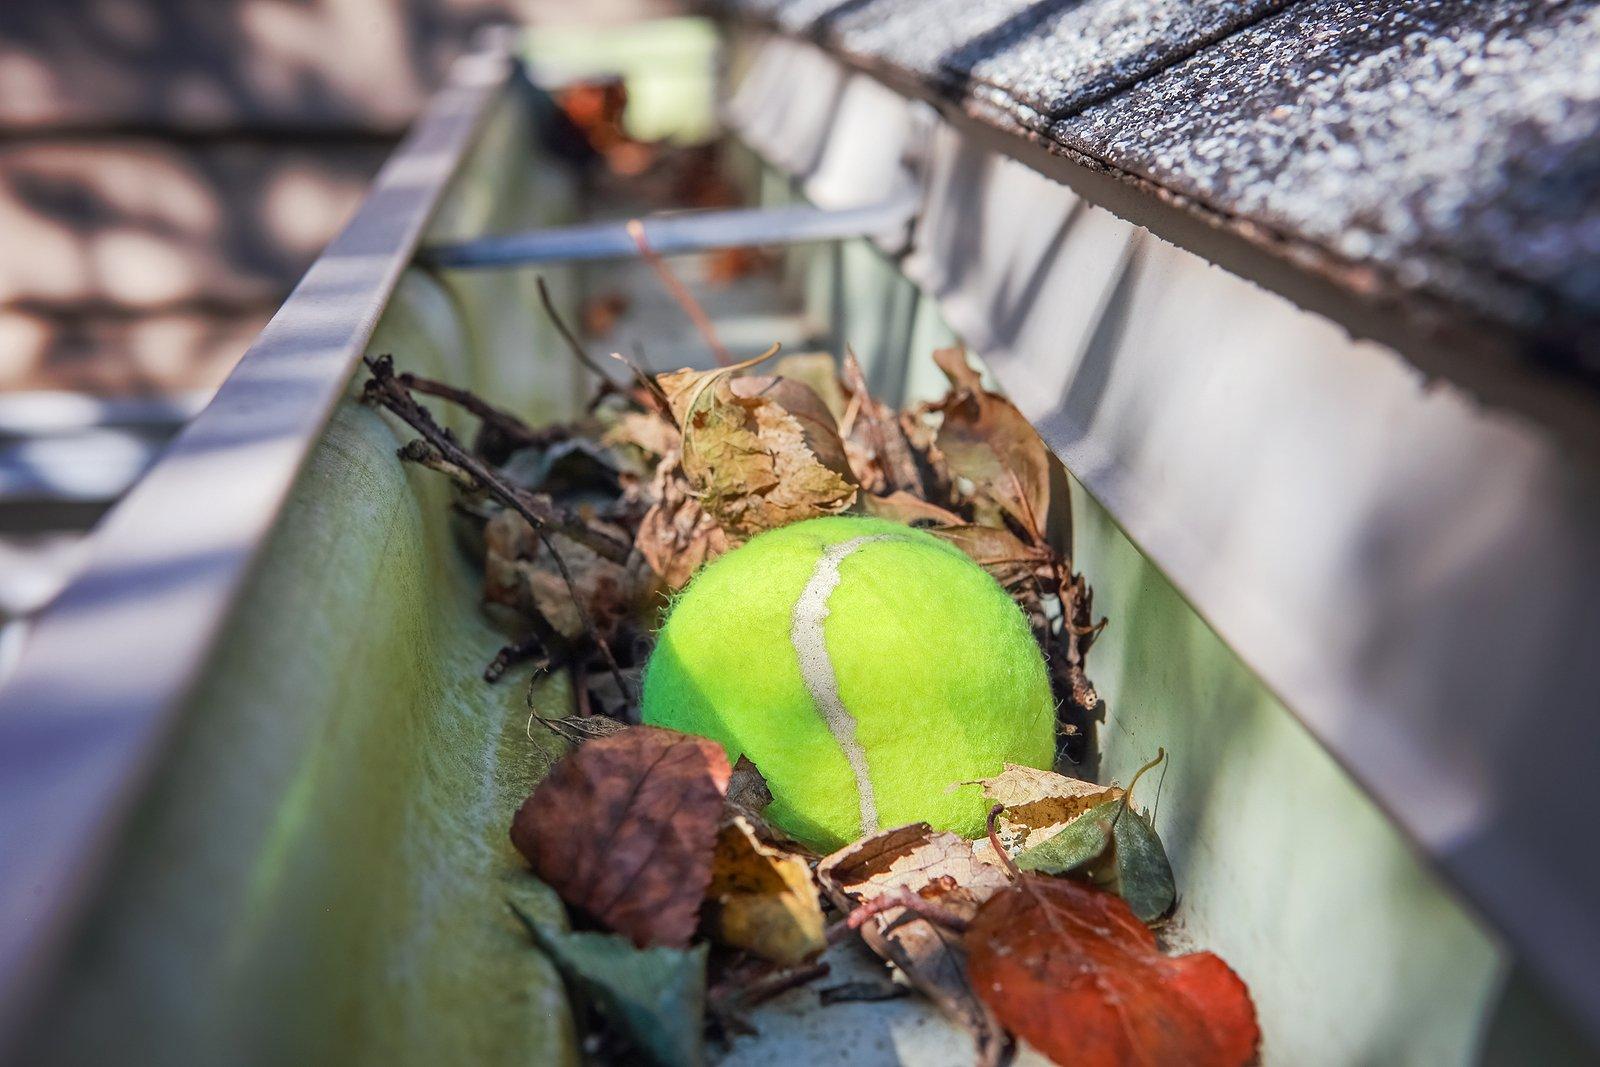 ennis-ball-leaves-stuck-in-gutter-renaissance-development-dc